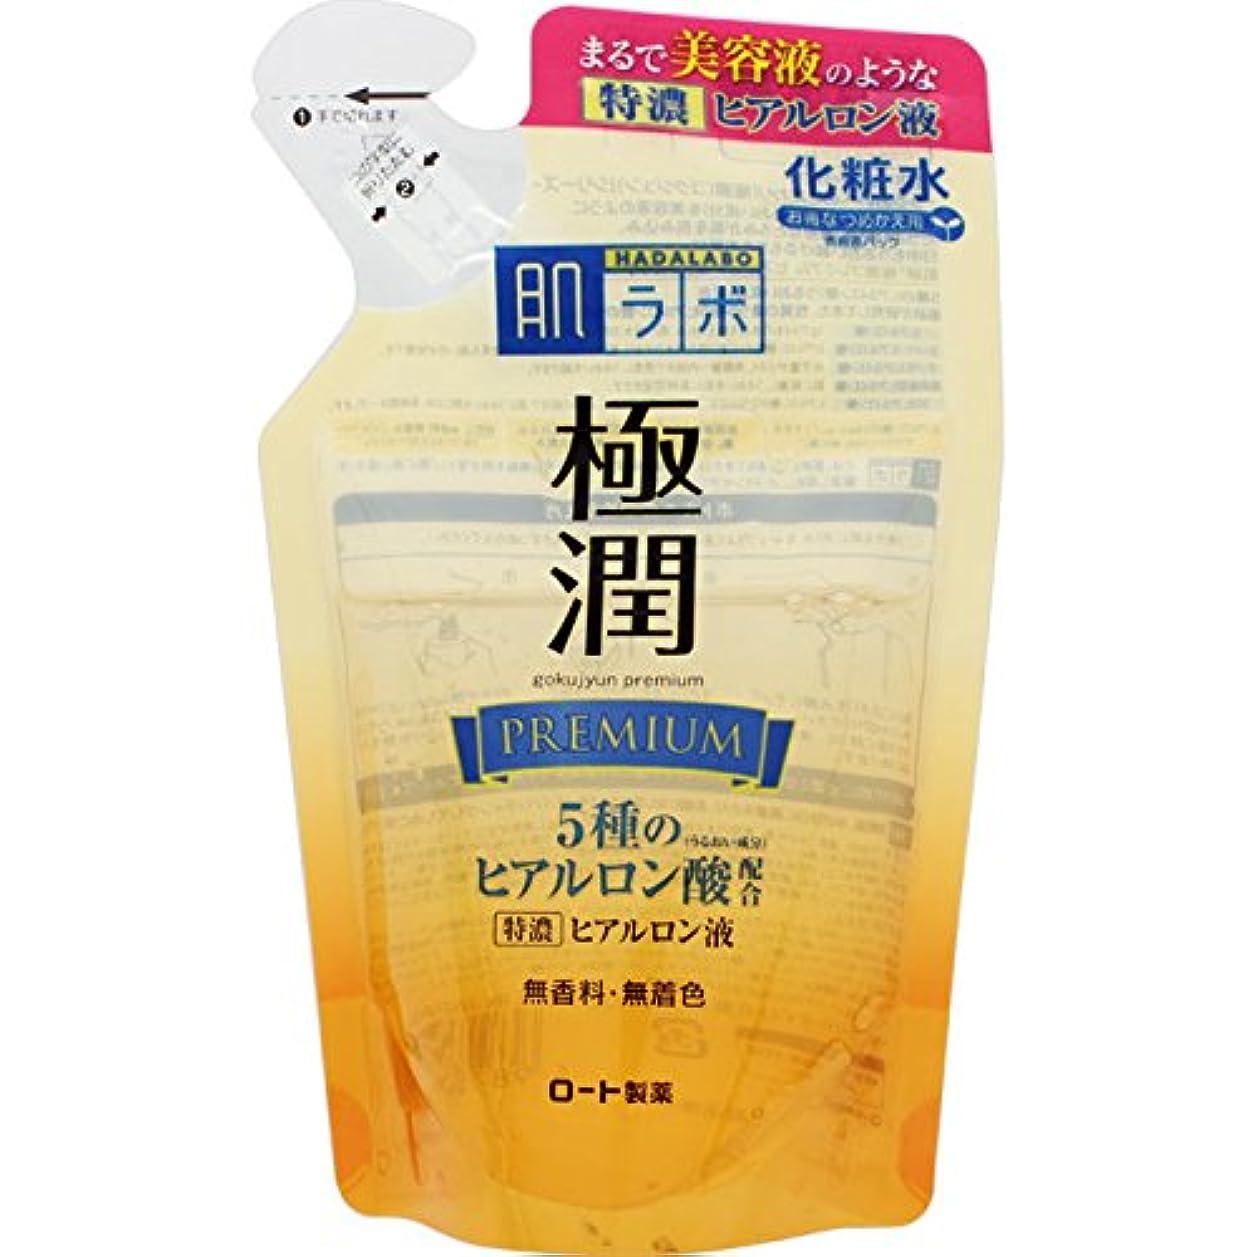 ナプキンサドルテキスト肌ラボ 極潤プレミアム 特濃ヒアルロン液 ヒアルロン酸5種類×サクラン配合 詰替用 170mL